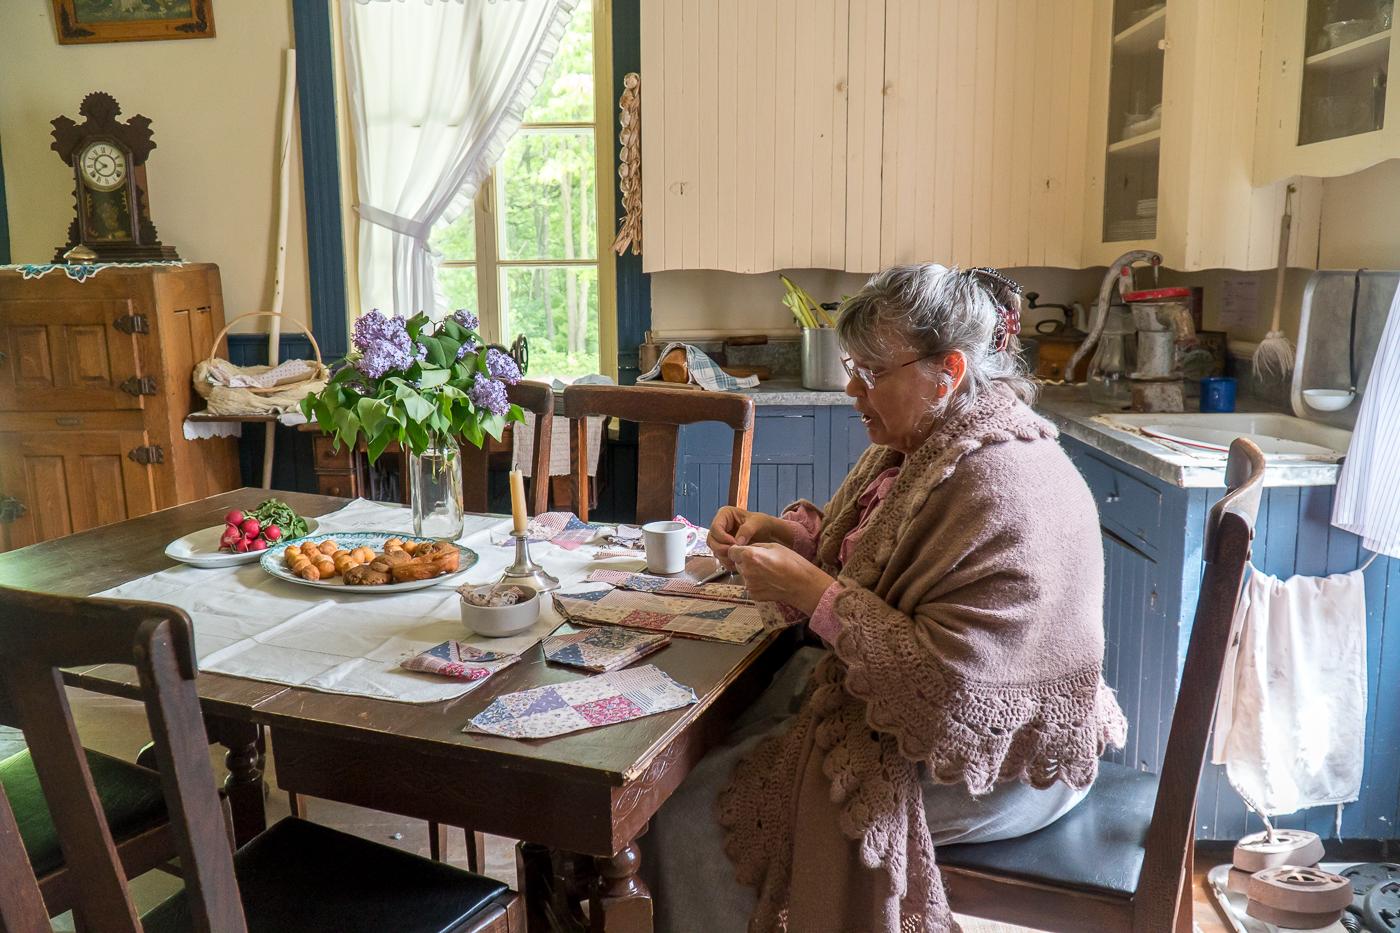 Dame qui explique l'histoire du village québécois d'antan